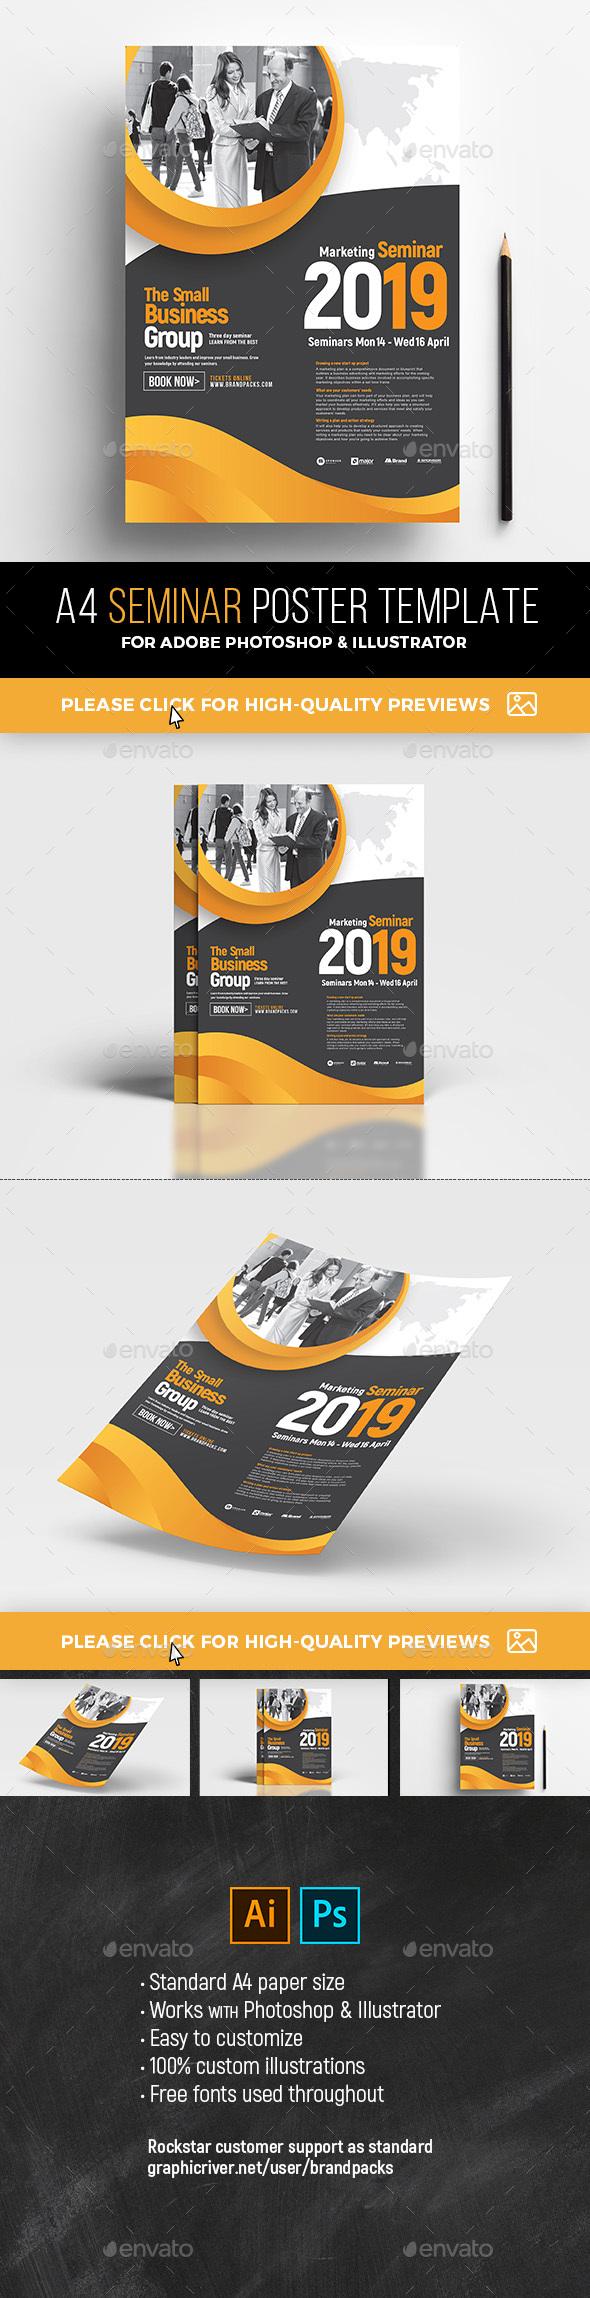 GraphicRiver A4 Seminar Poster Template 21194263